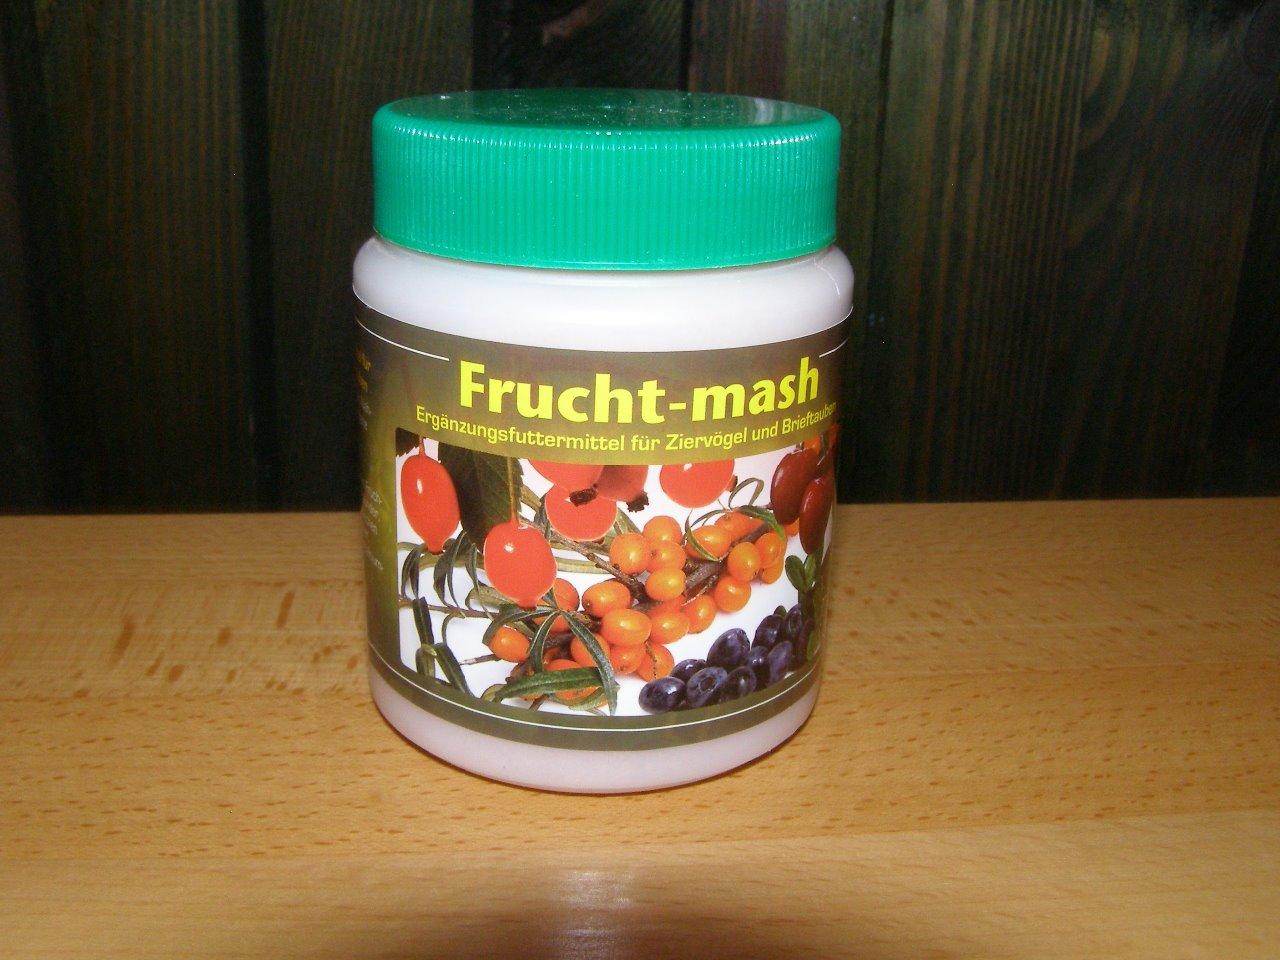 re-scha Frucht-mash 160 g